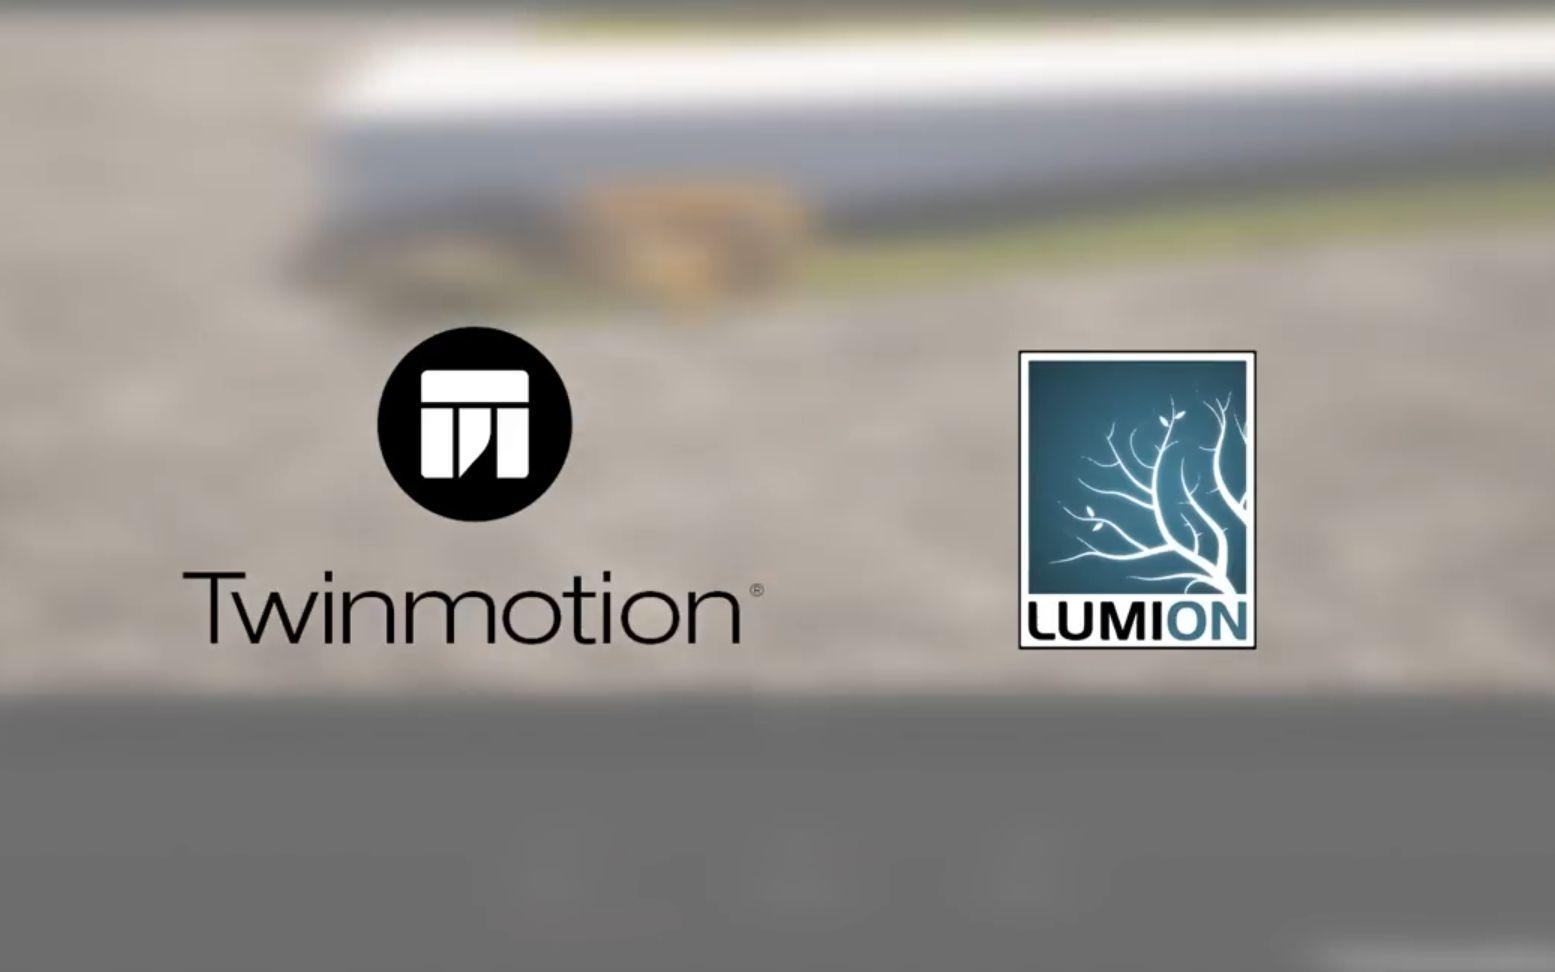 Twinmotion 2019 vs Lumion 9_哔哩哔哩 (゜-゜)つロ 干杯~-bilibili